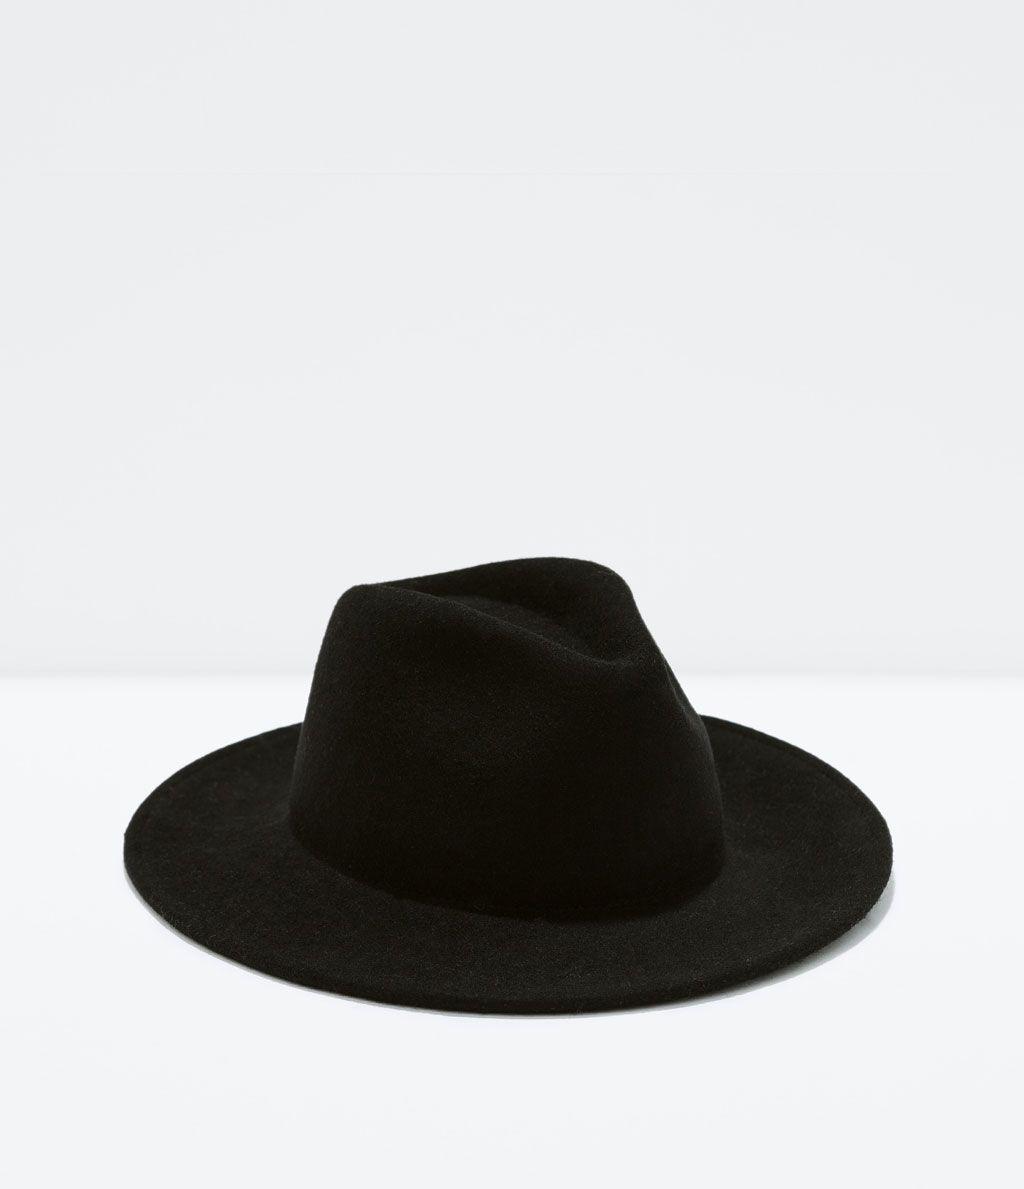 4305b8ebd3fc4 CHAPEAU FEUTRE BORD LARGE-Casquettes et bonnets-Accessoires-HOMME ...